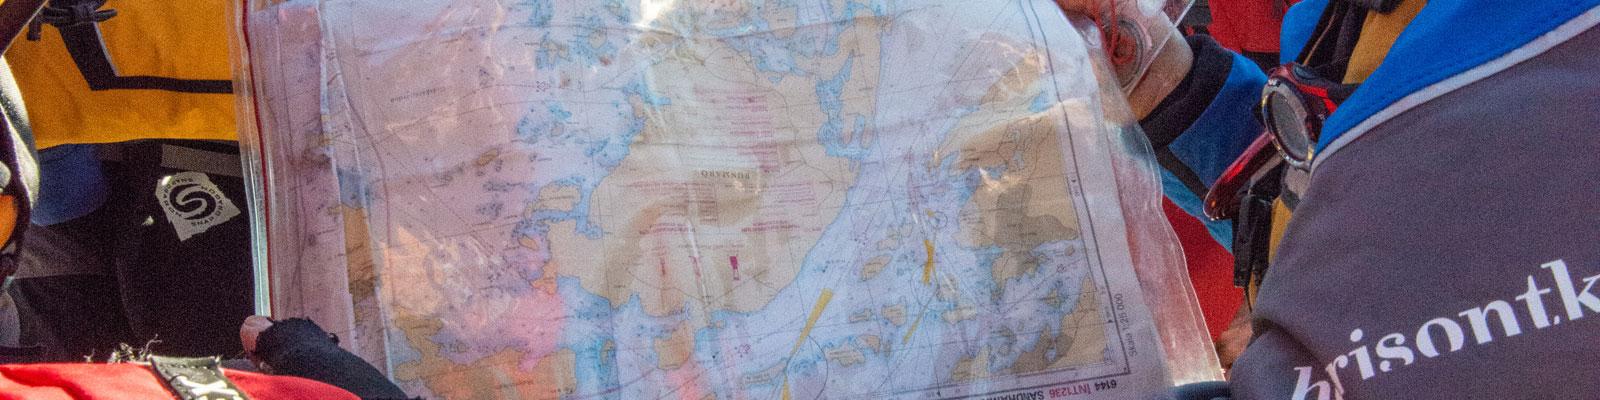 Havskajakledare- Utbildning enligt Svenska Kanotförbundet